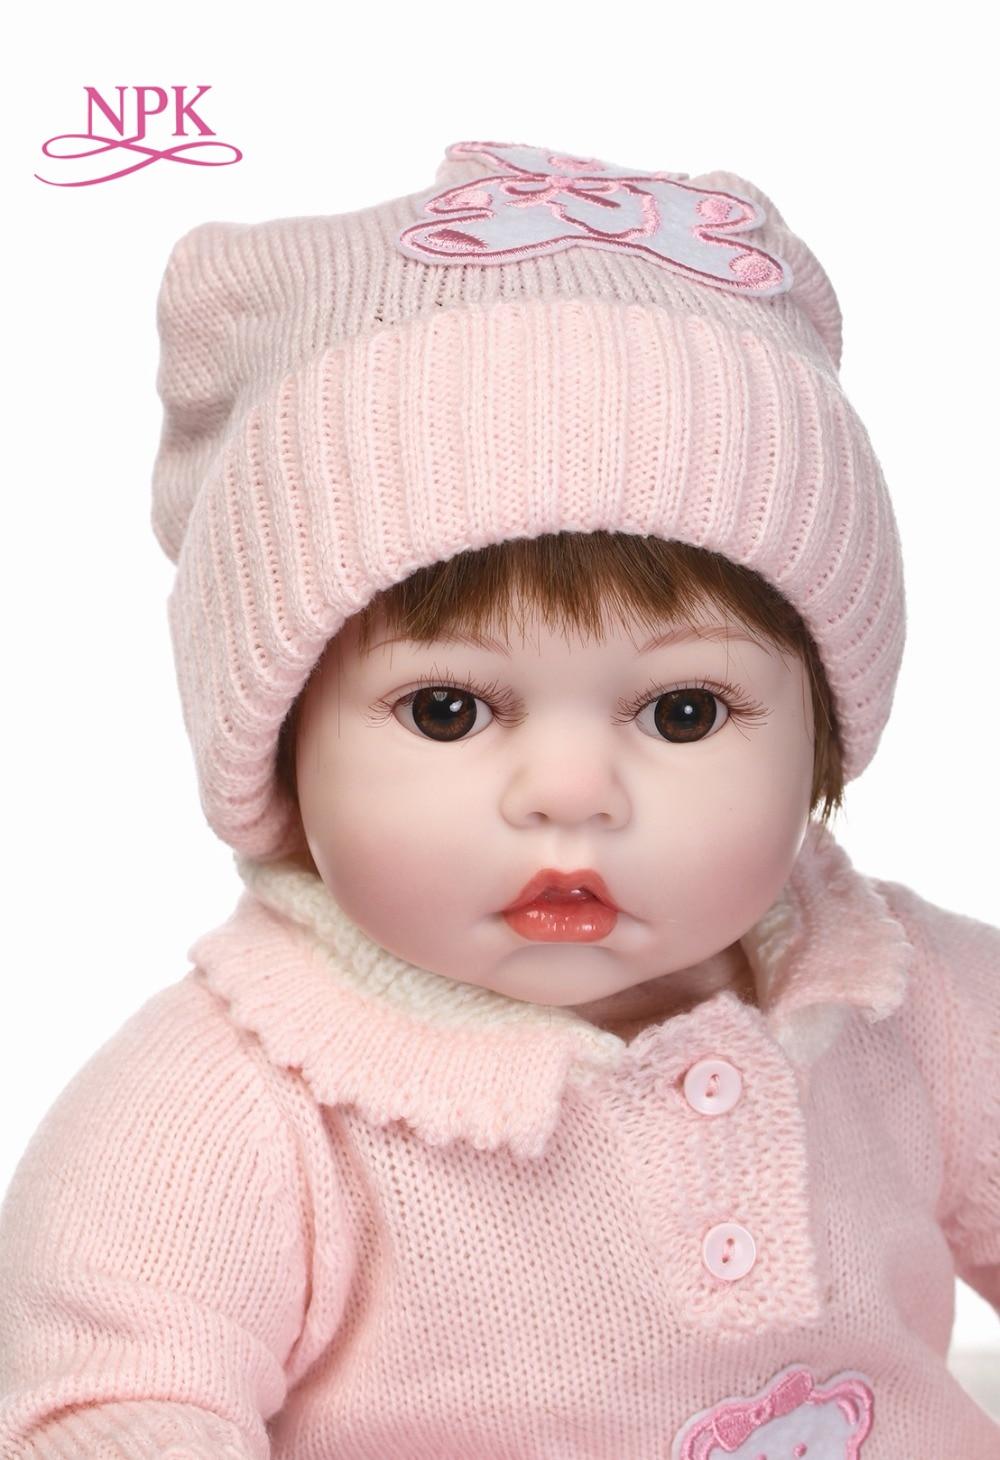 Oyuncaklar ve Hobi Ürünleri'ten Bebekler'de NPK Son yeni 50 cm Silikon Yeniden Doğmuş Boneca Realista Moda Bebek Bebekler Prenses Çocuk doğum günü hediyesi Bebes Reborn Bebekler'da  Grup 1